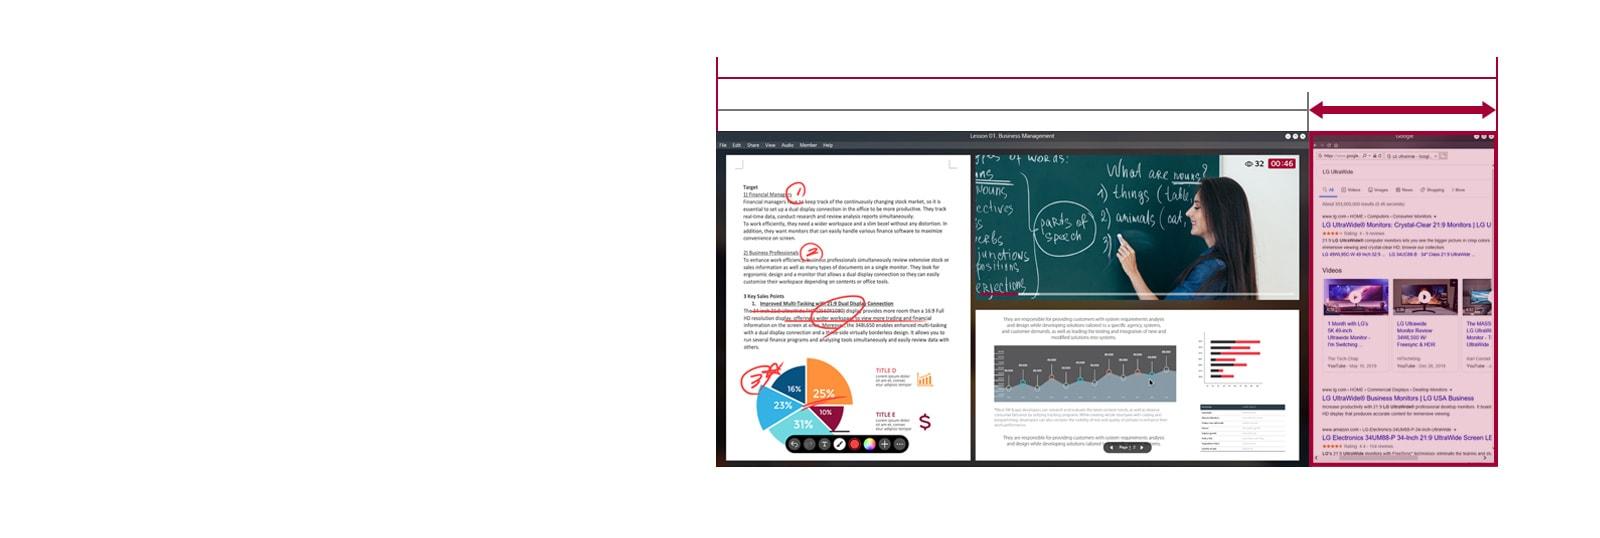 Más espacio en la pantalla de la pantalla 21: 9 UltraWide en comparación con la pantalla 16: 9 con una clase en línea continua en la pantalla.